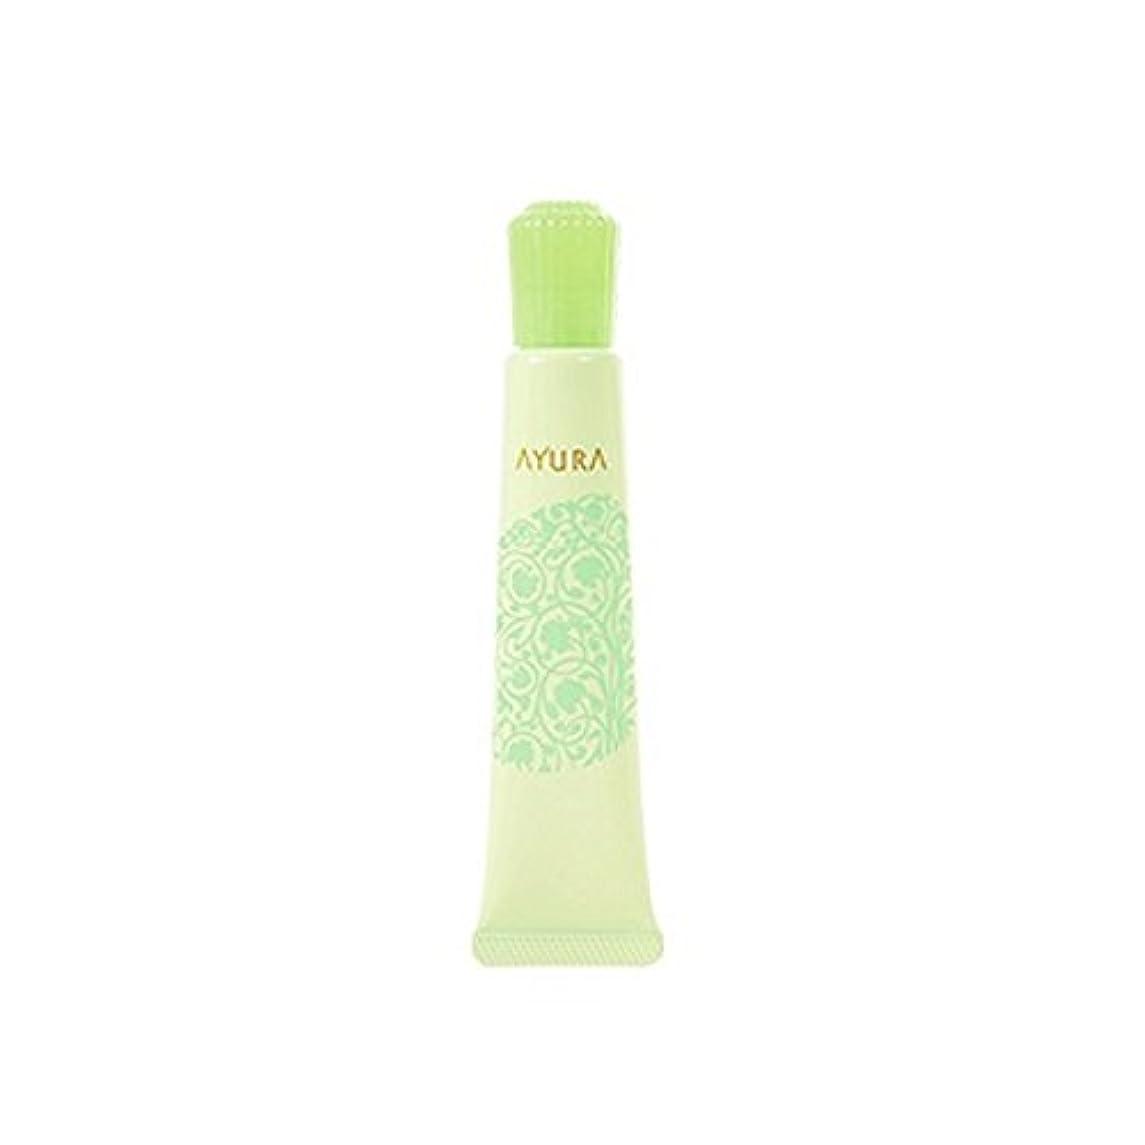 ブラザーながら進行中アユーラ (AYURA) ハンドオアシス 〈ハンド用美容液〉 アロマティックハーブとユーカリの軽やかな香り